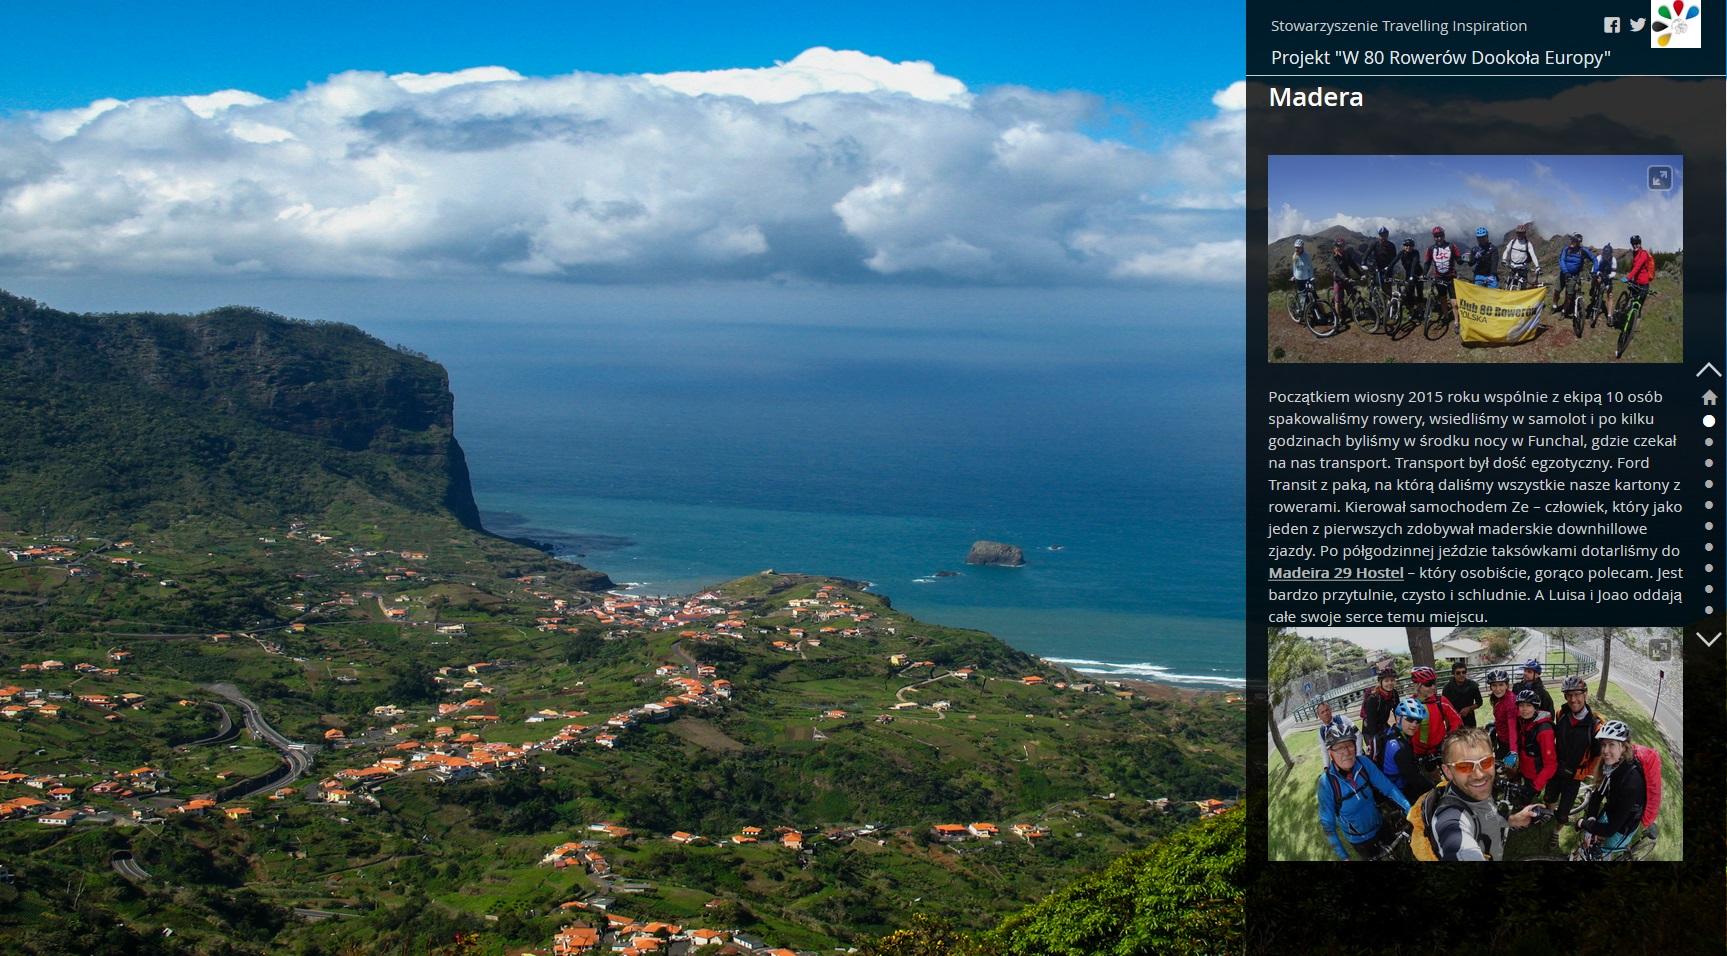 Rys. 1. Zrzut z aplikacji Map Journal Esri, w której opisana została wyprawa na Maderę w kwietniu 2015 roku – www.80rowerow.pl/madera